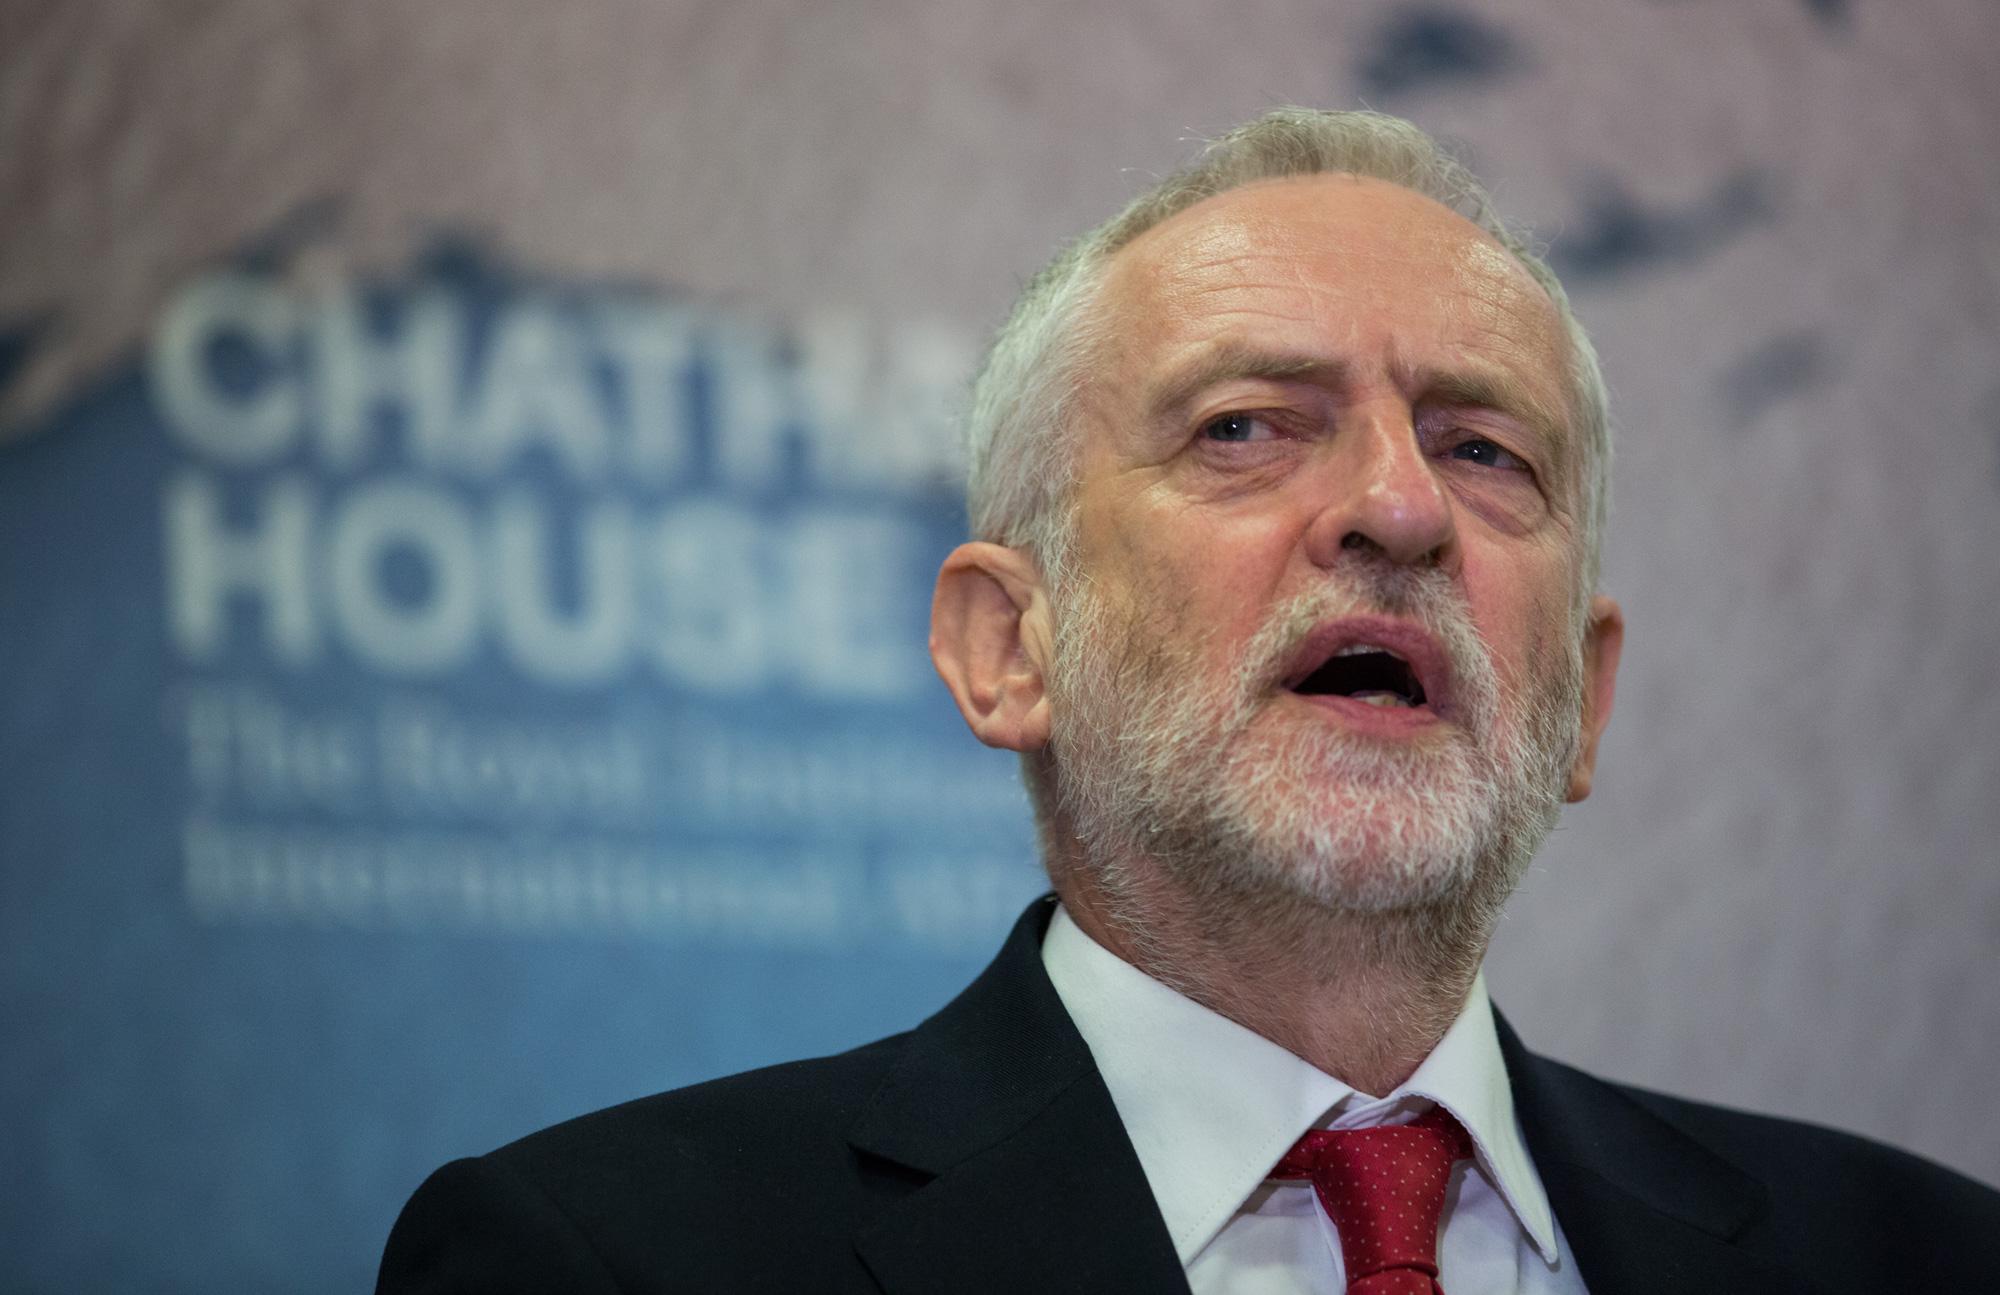 https://en.wikipedia.org/wiki/Jeremy_Corbyn